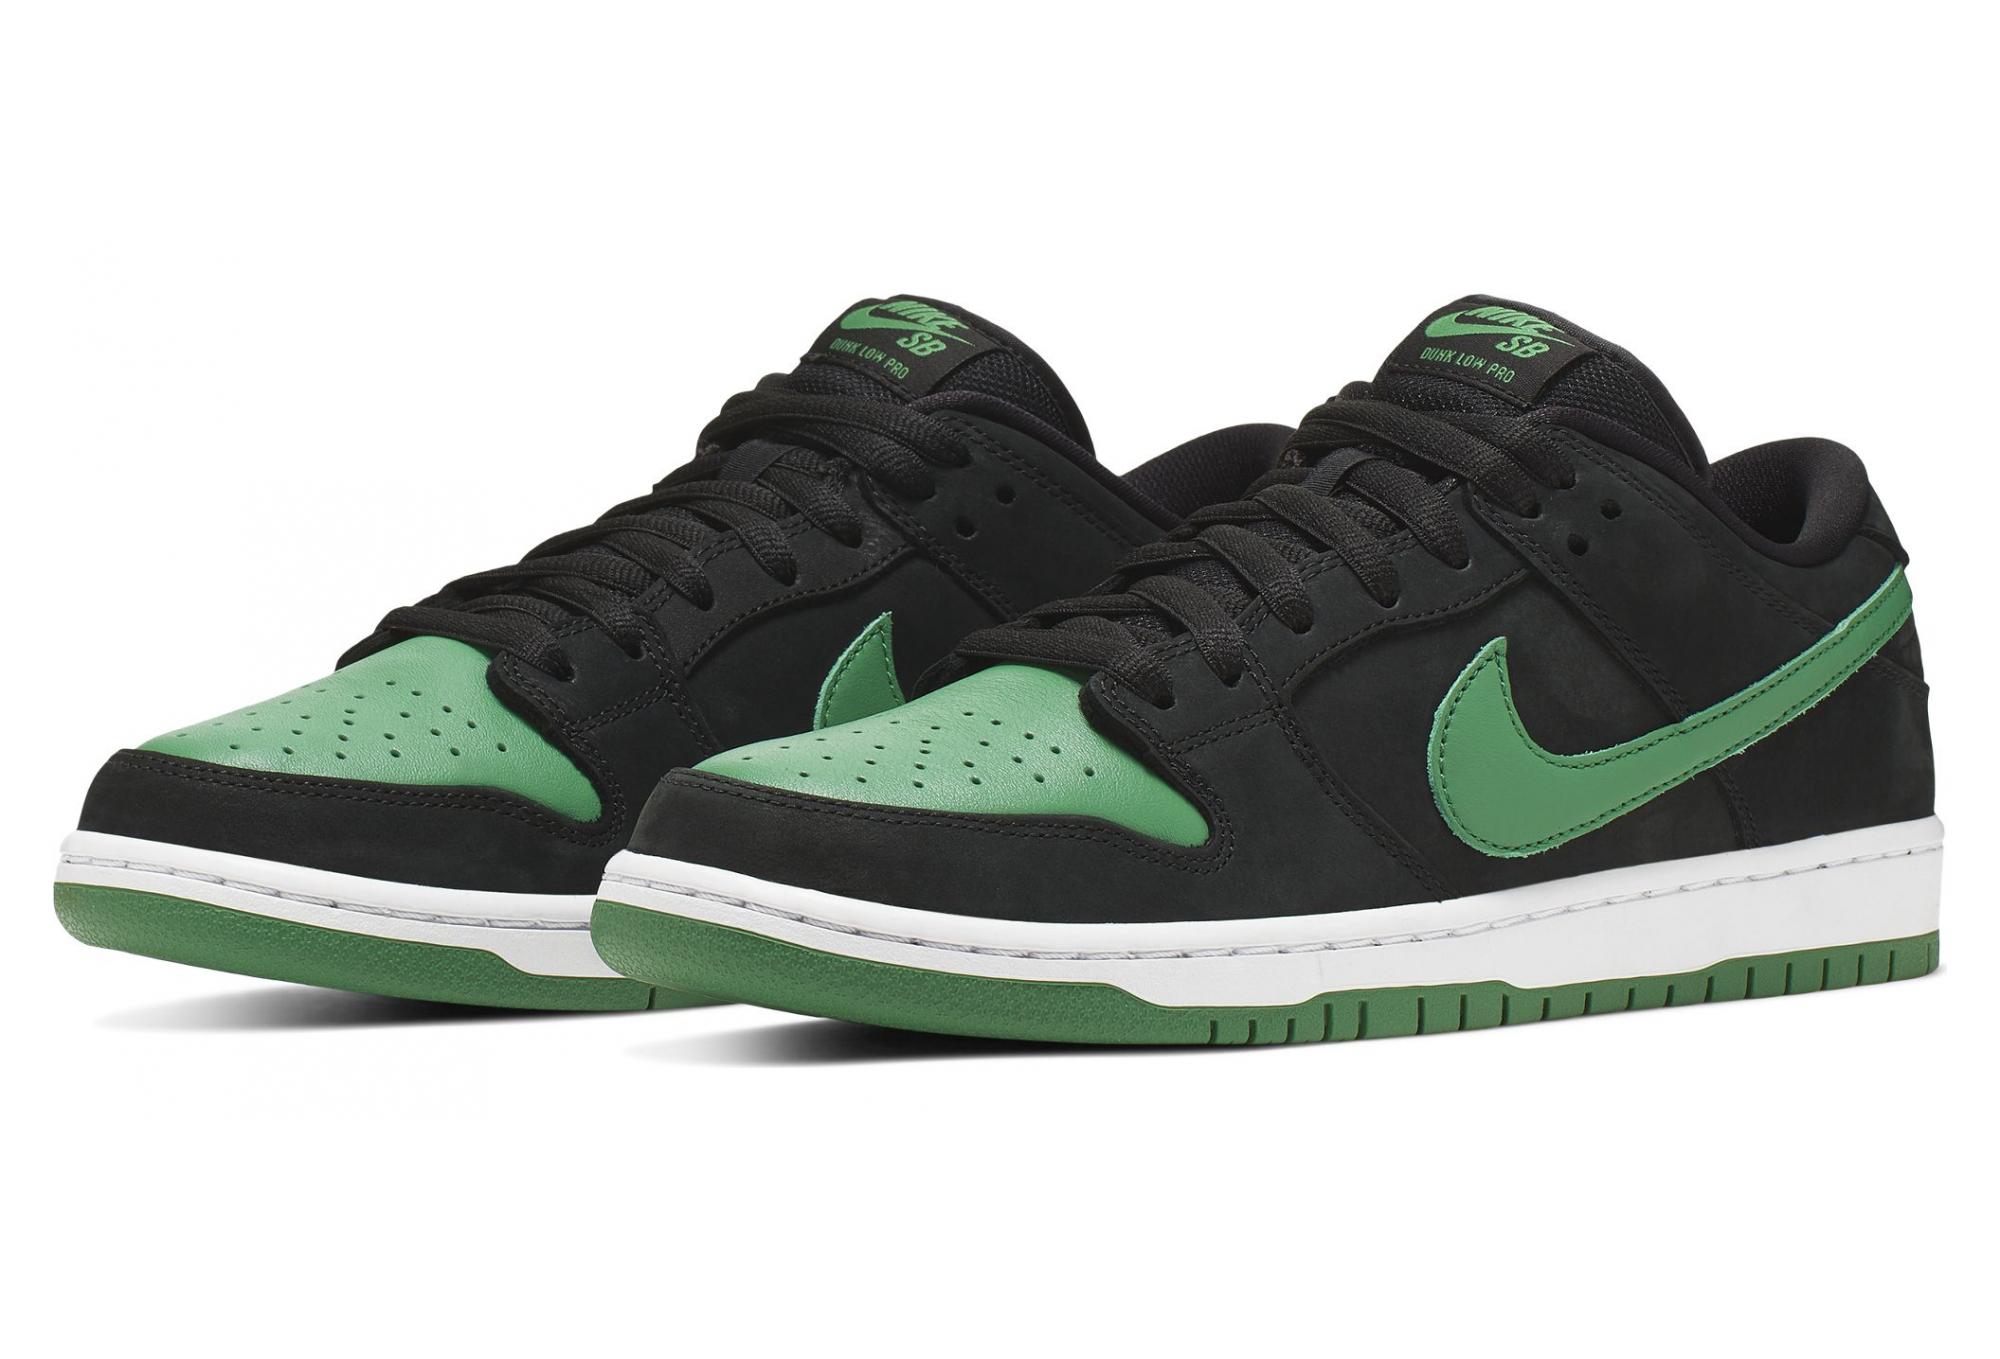 Paire de Chaussures Nike SB Dunk Low Pro Noir Vert